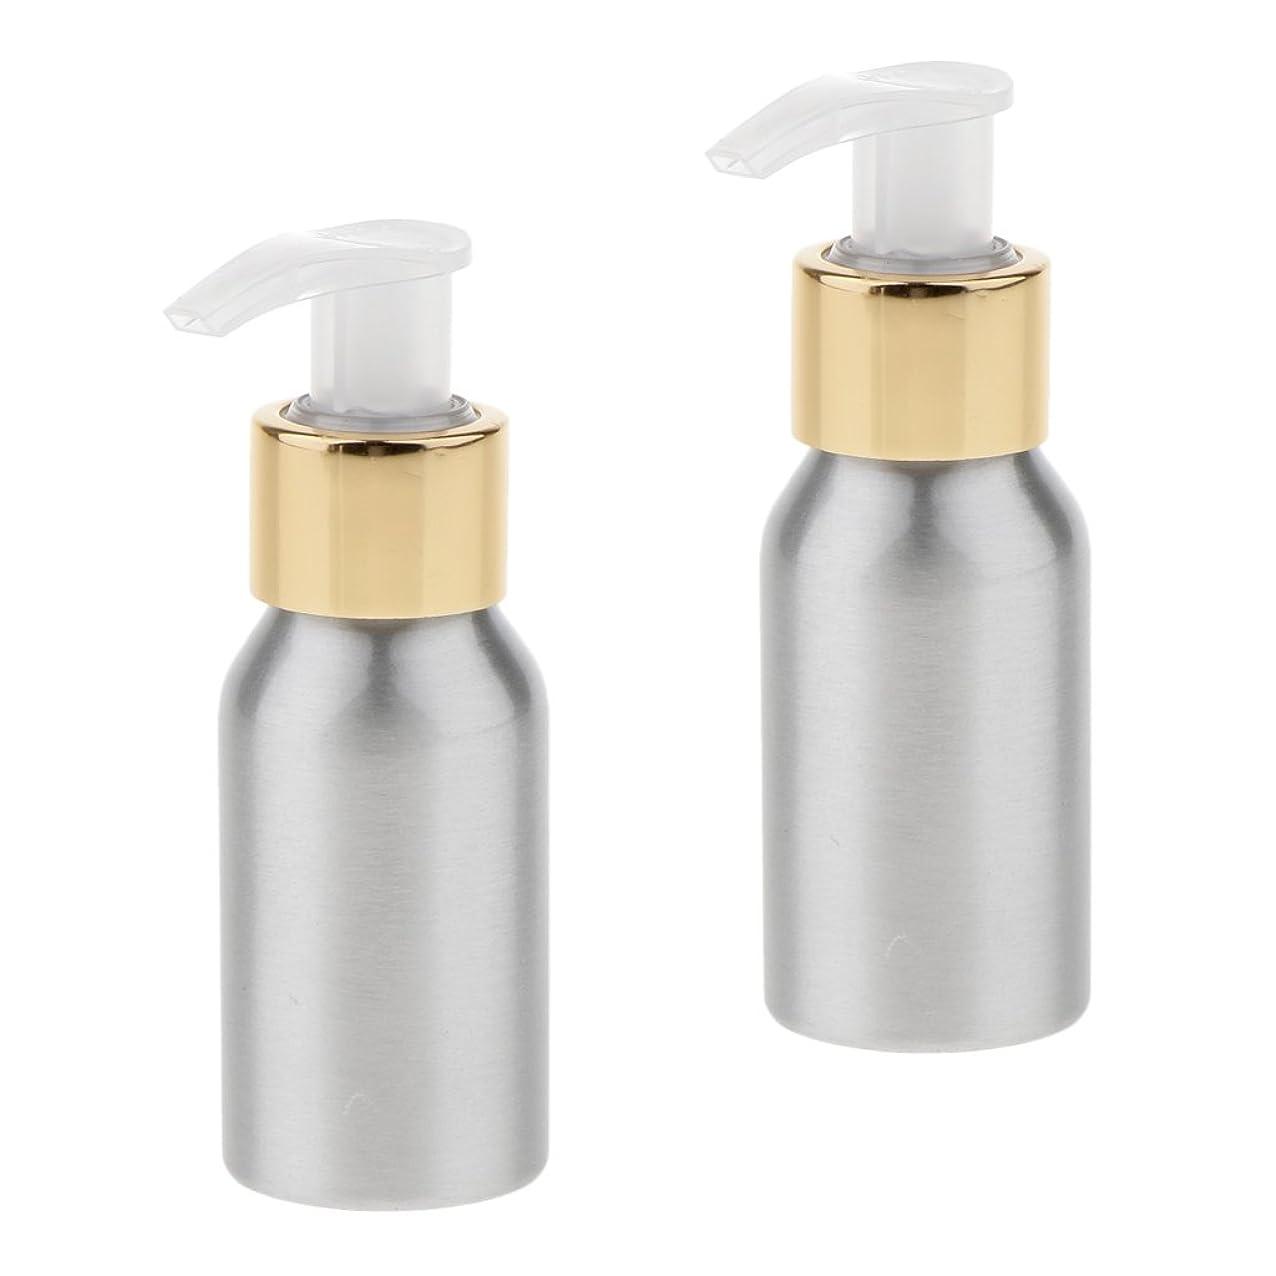 にやにやトムオードリース分解するFenteer 2本 スプレーボトル ポンプボトル アルミボトル 香水ボトル シャンプー 噴霧器 アトマイザー 詰替え DIY 6サイズ選択 - 50ml